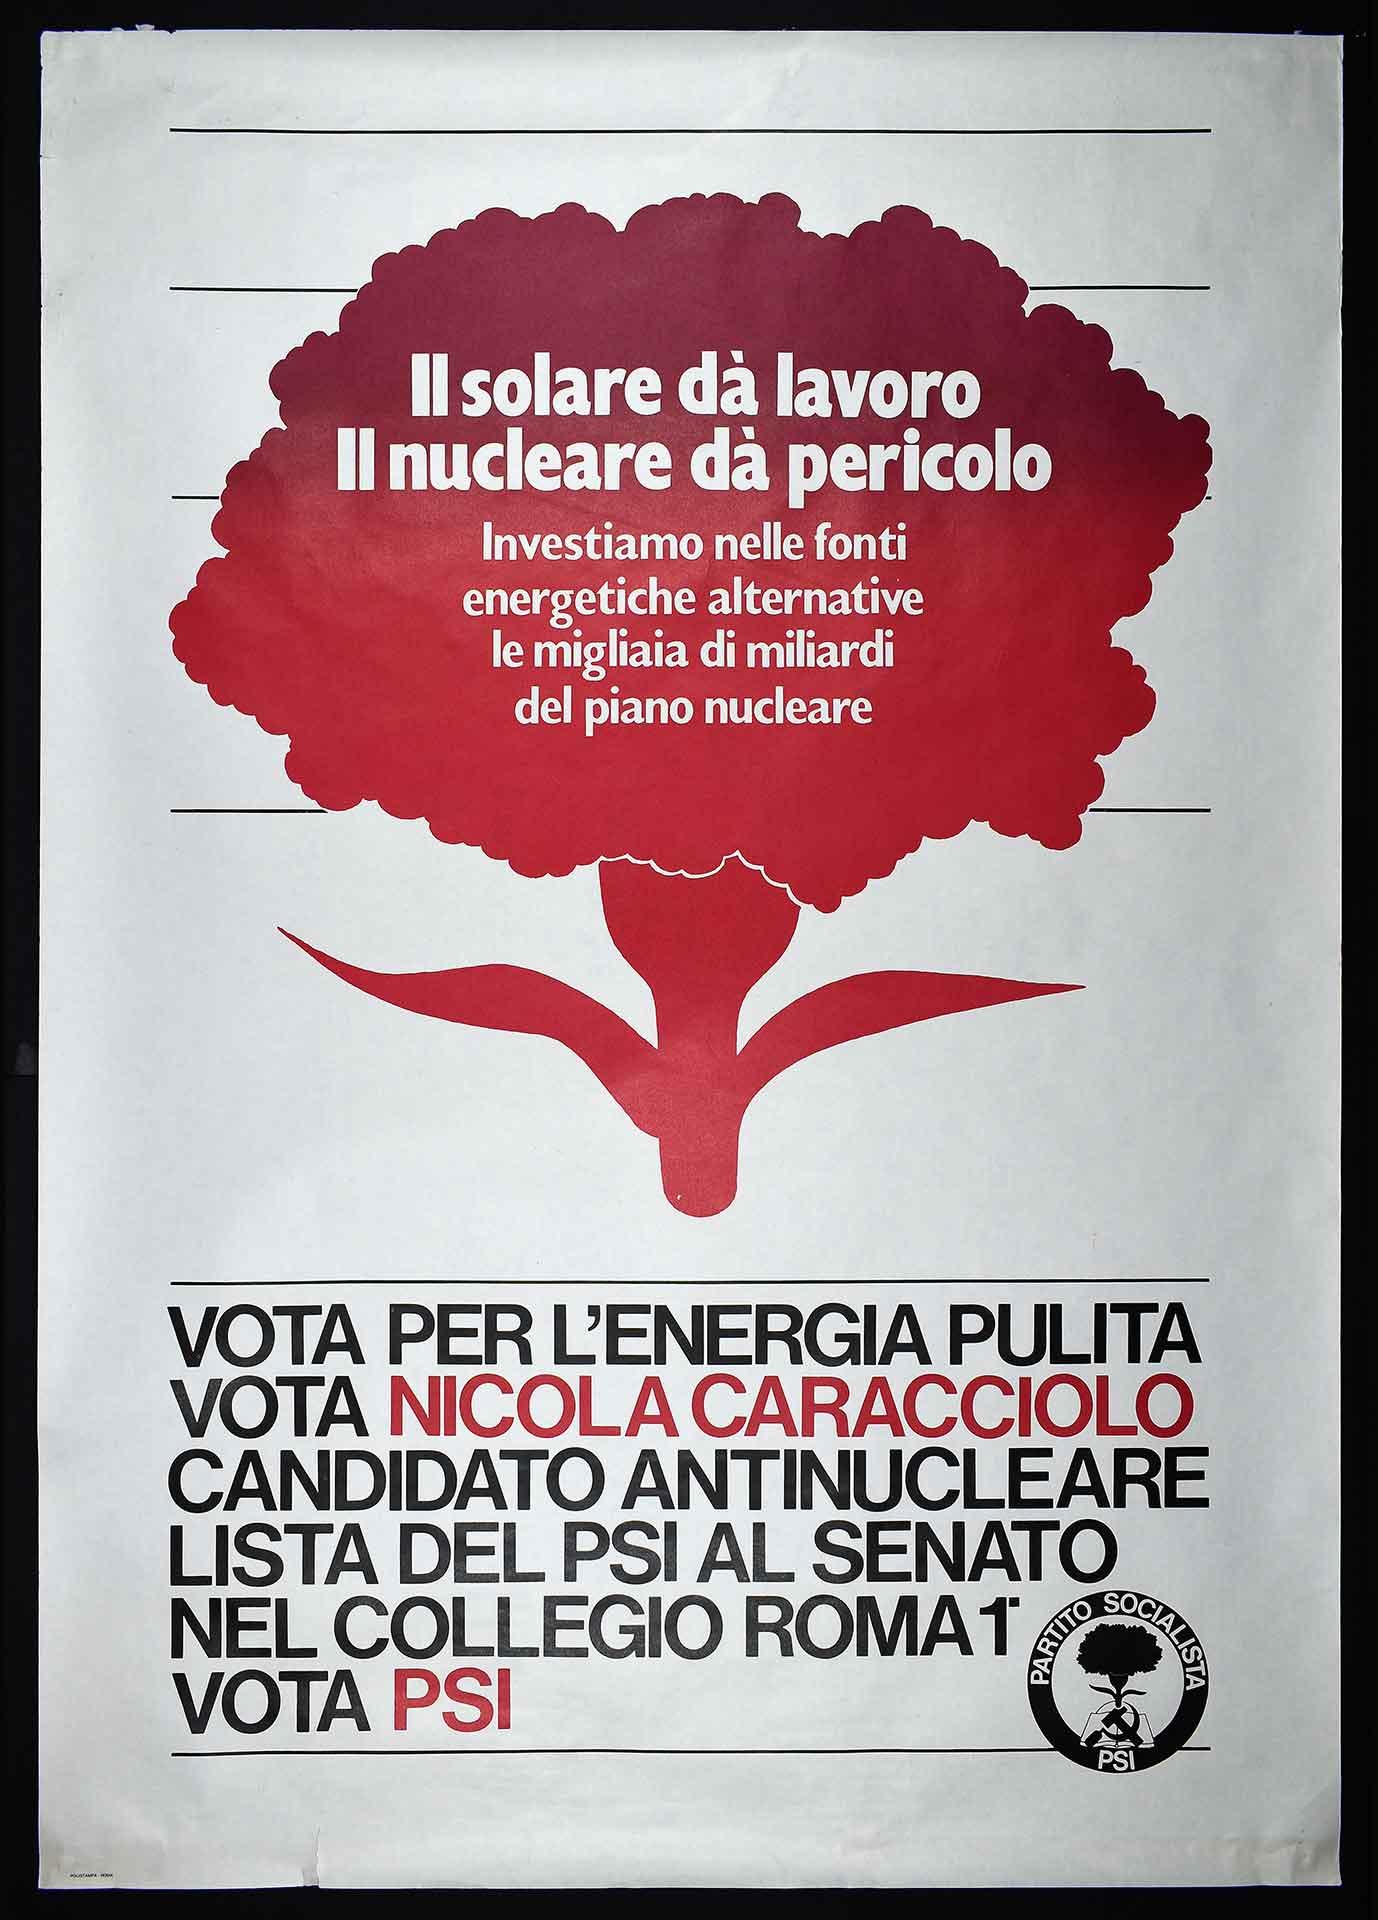 Nicola Caracciolo candidato antinucleare nella lista del PSI al Senato. Polistampa, Roma. Comunicazione elettorale.